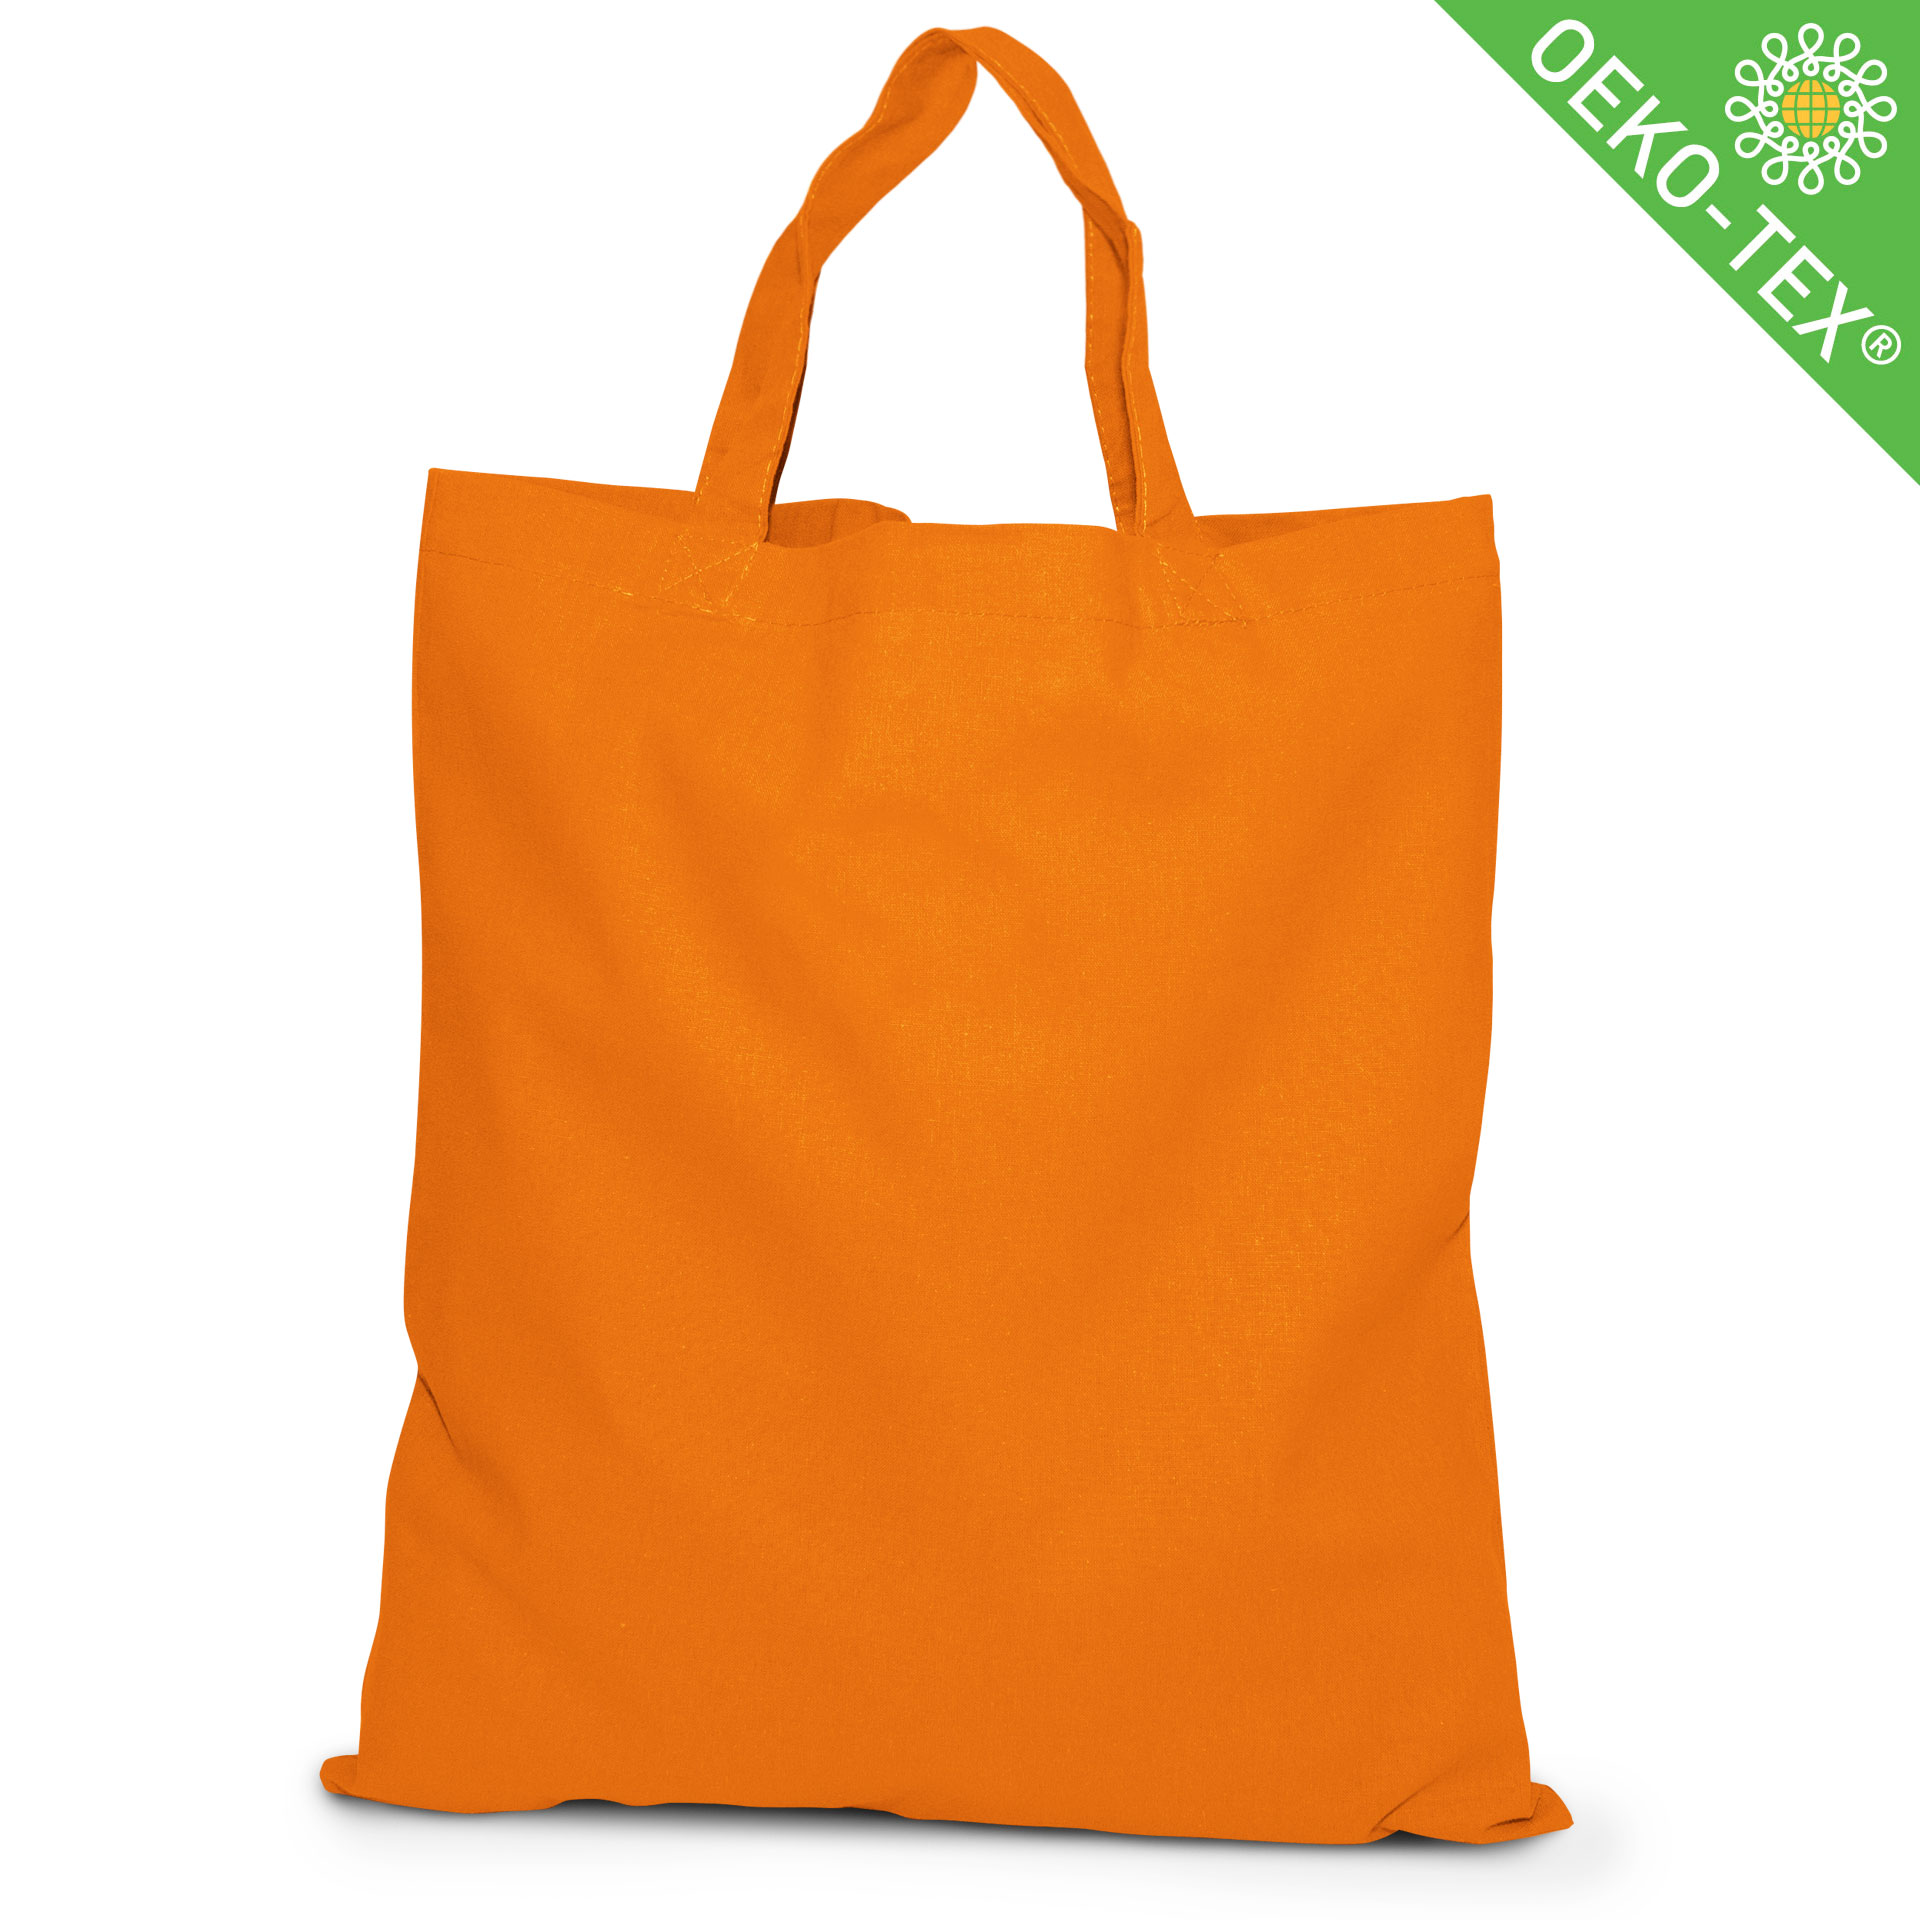 20 Kapstadt Baumwolltasche mit kurzen Henkeln, Farbe: orange